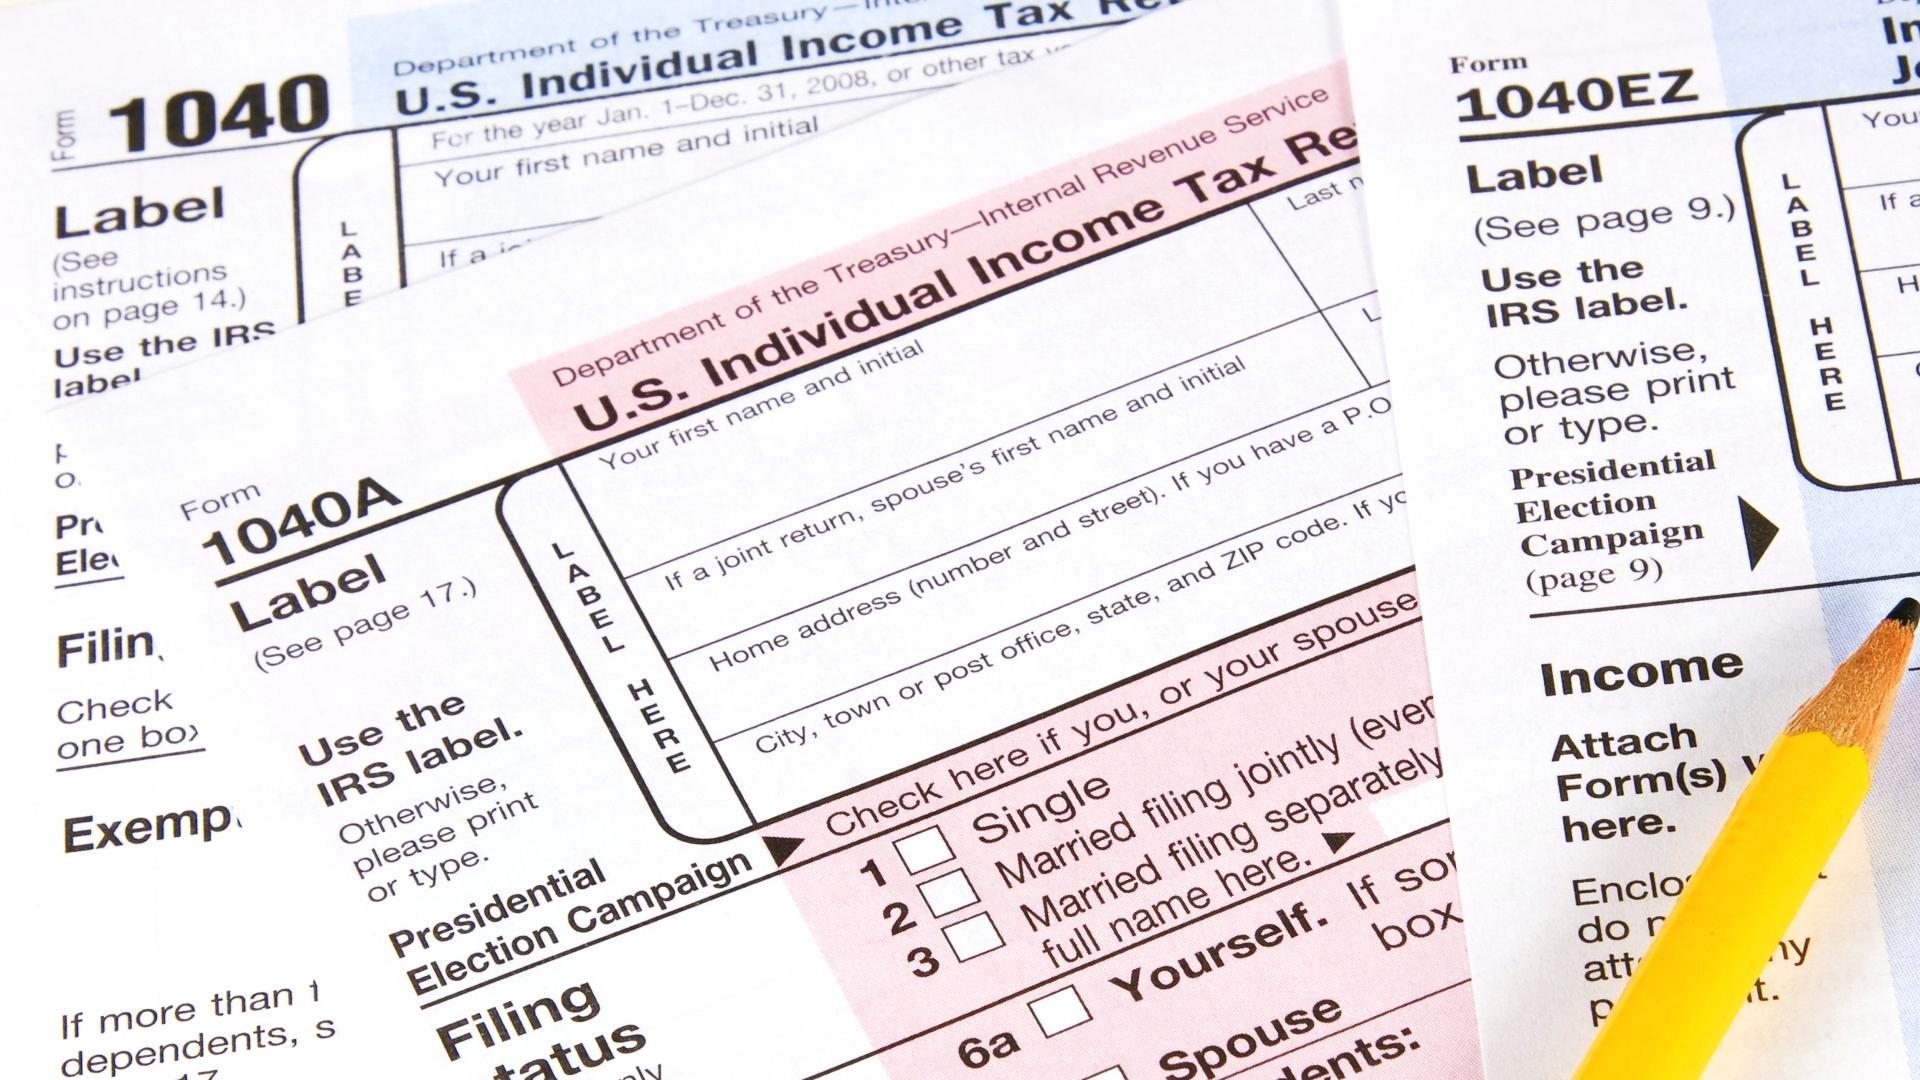 Printable Tax Forms 1040ez